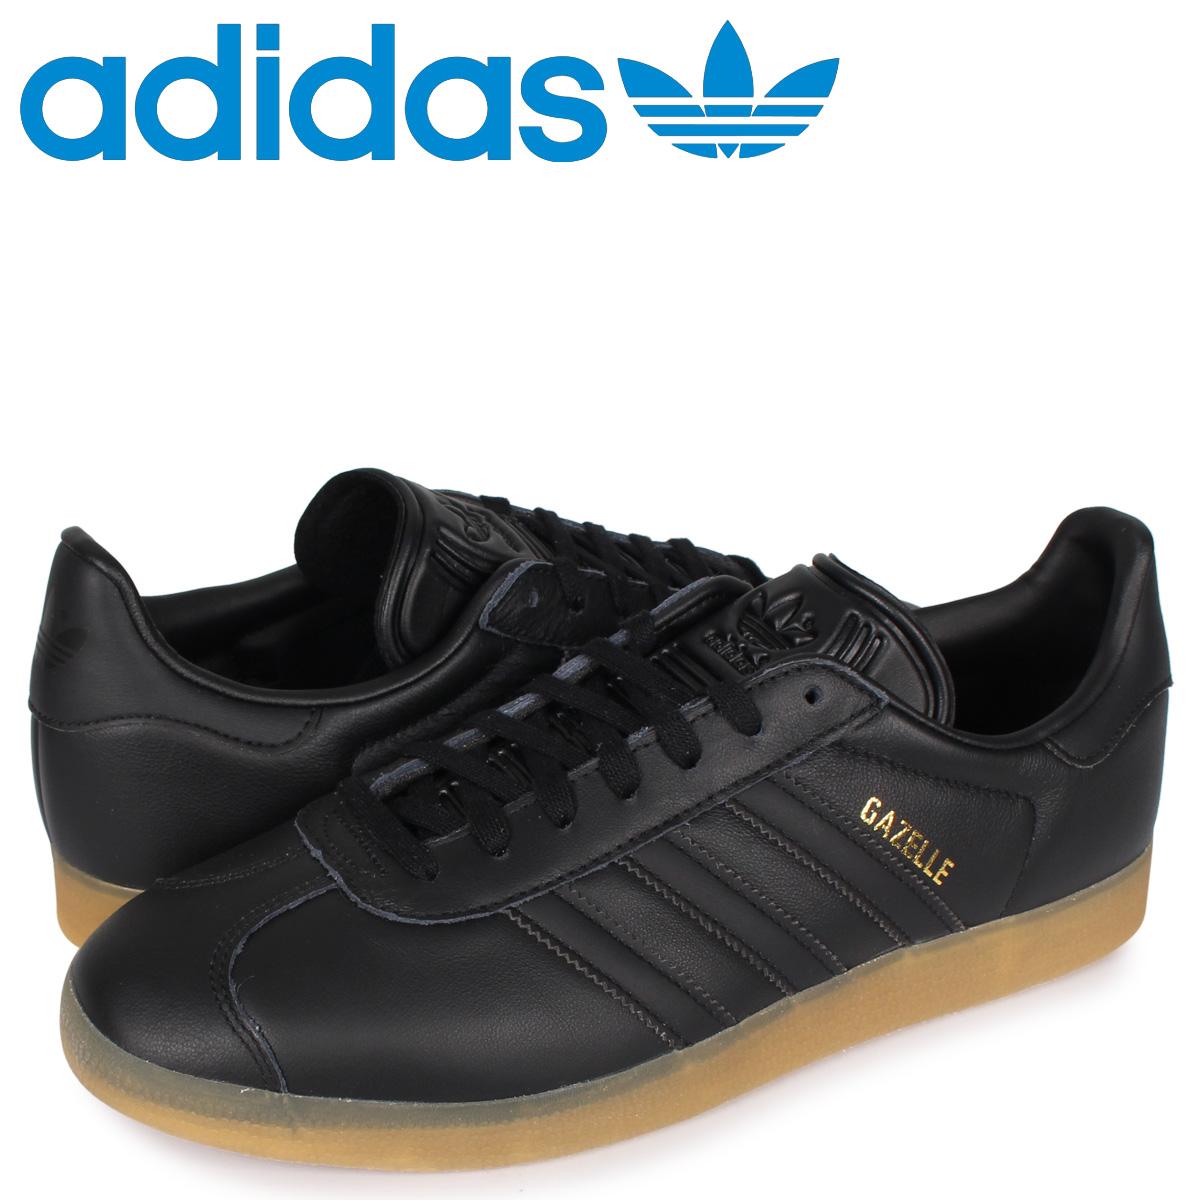 アディダス オリジナルス adidas Originals ガゼル スニーカー メンズ ガッツレー GAZELLE ブラック 黒 BD7480